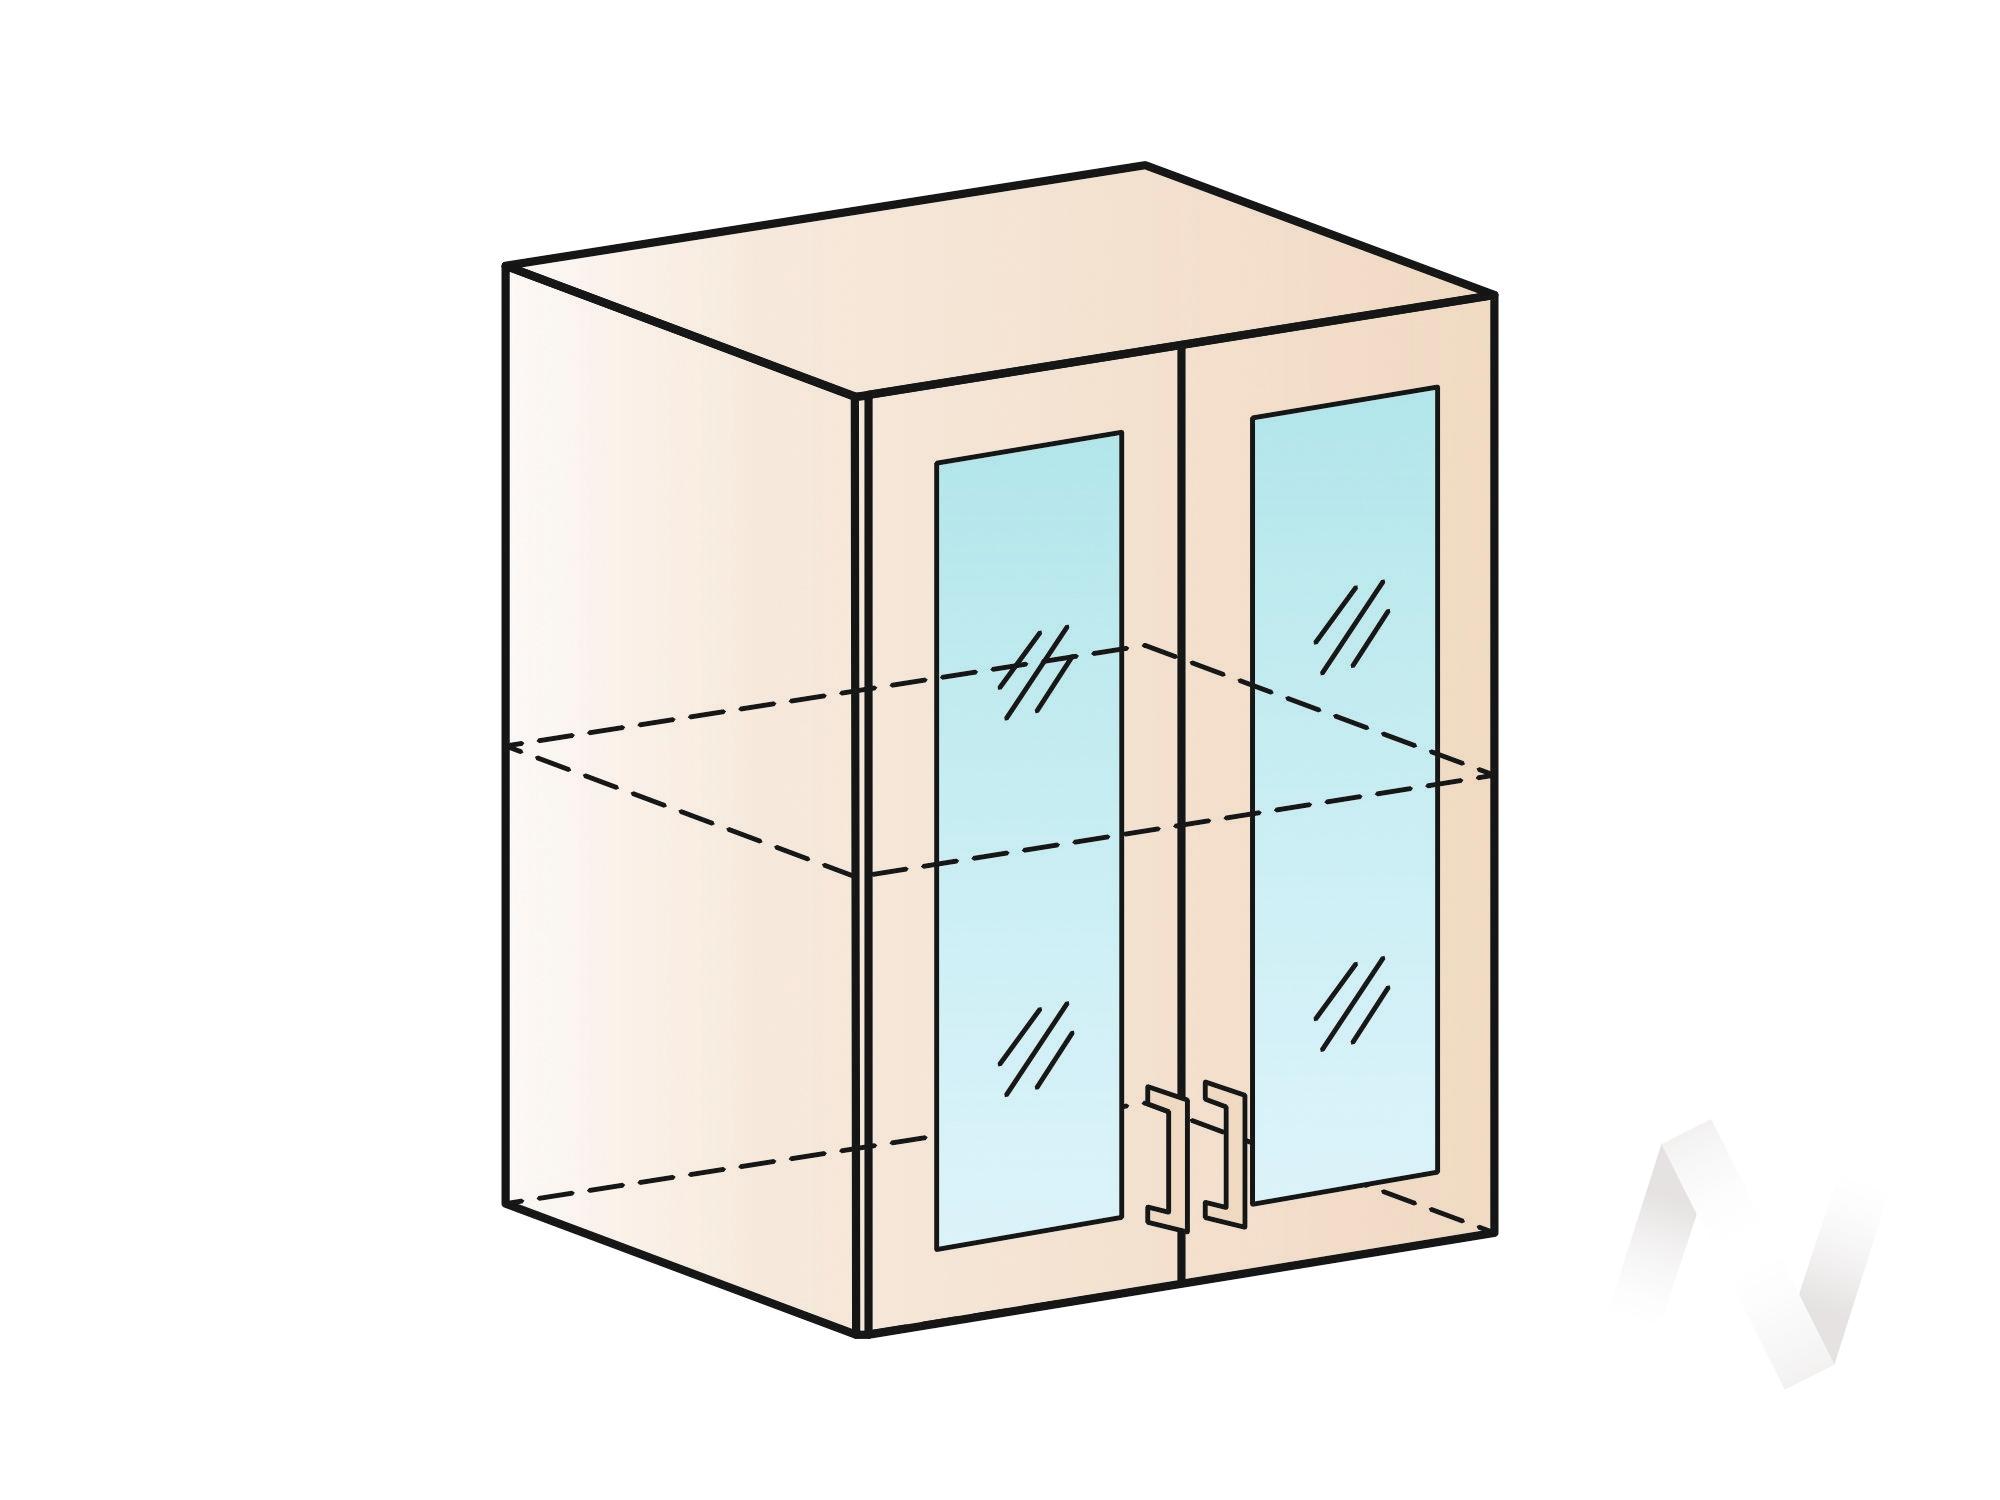 """Кухня """"Люкс"""": Шкаф верхний со стеклом 600, ШВС 600 (Шелк венге/корпус белый) в Томске — авторская мебель Экостиль"""